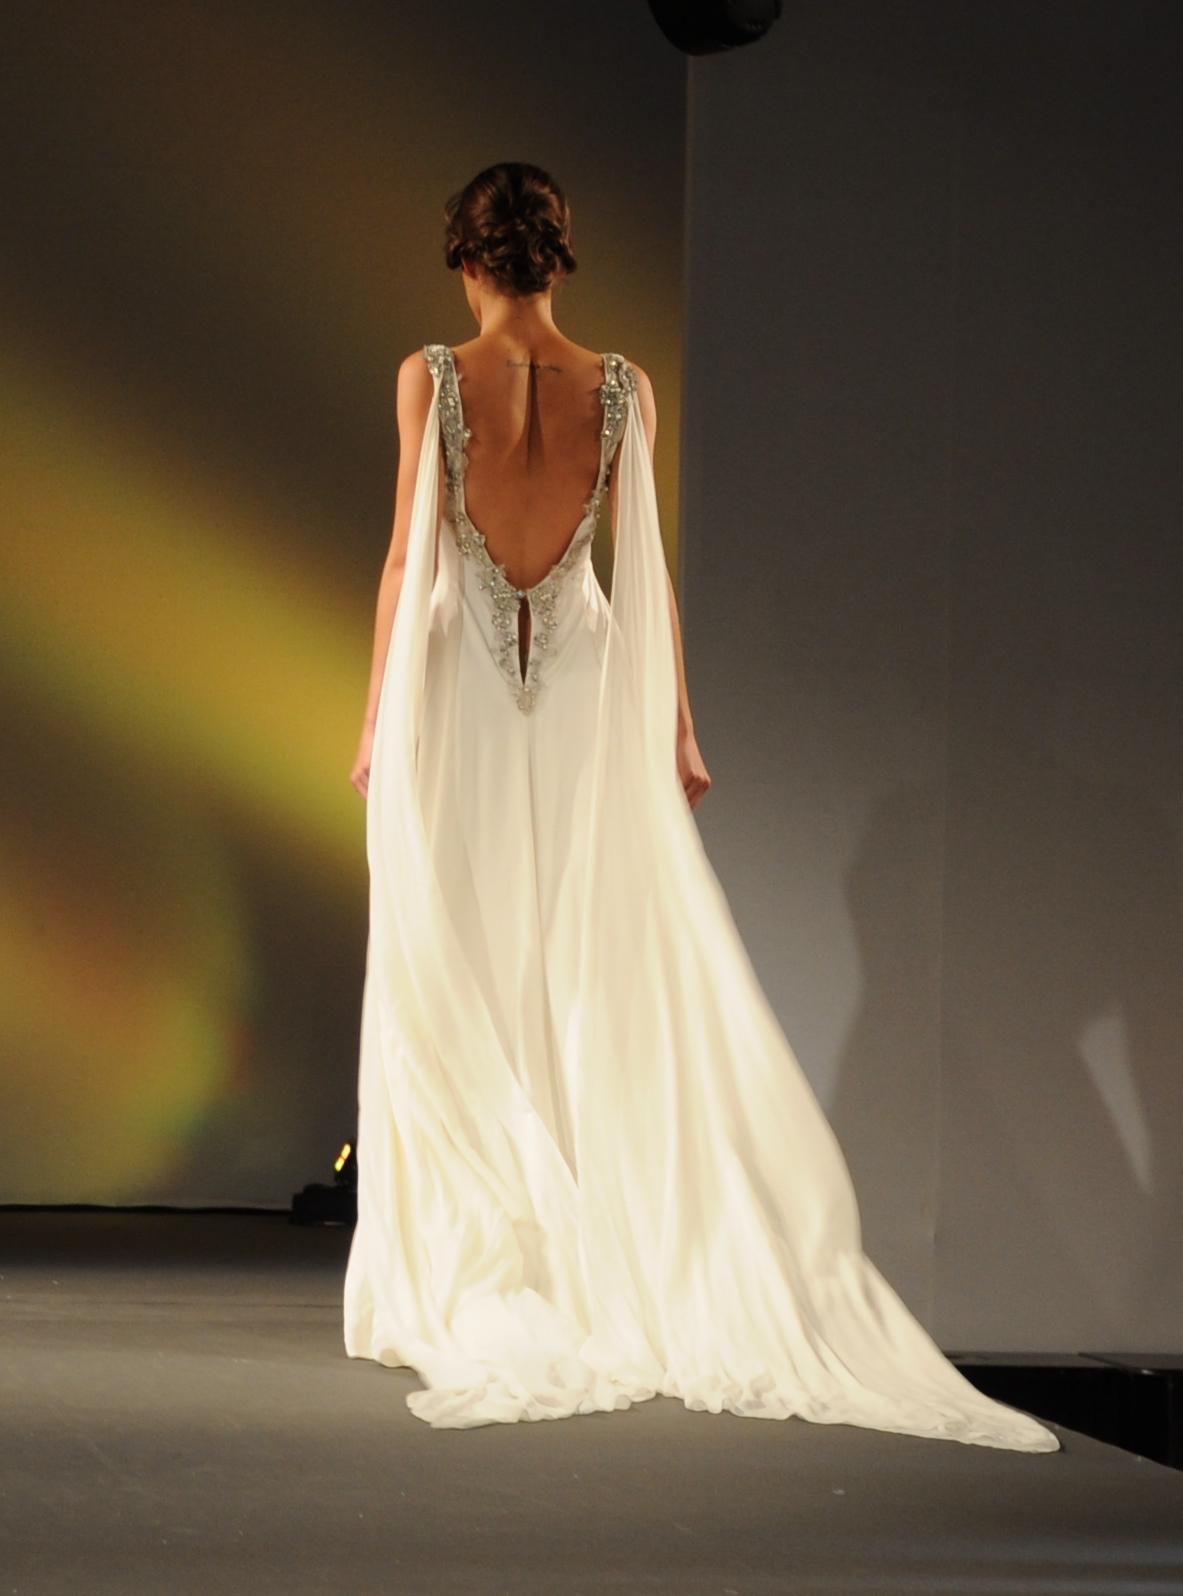 Robe de mariée Eudocia Dos soie lavée - Agnes Szabelewski.jpg